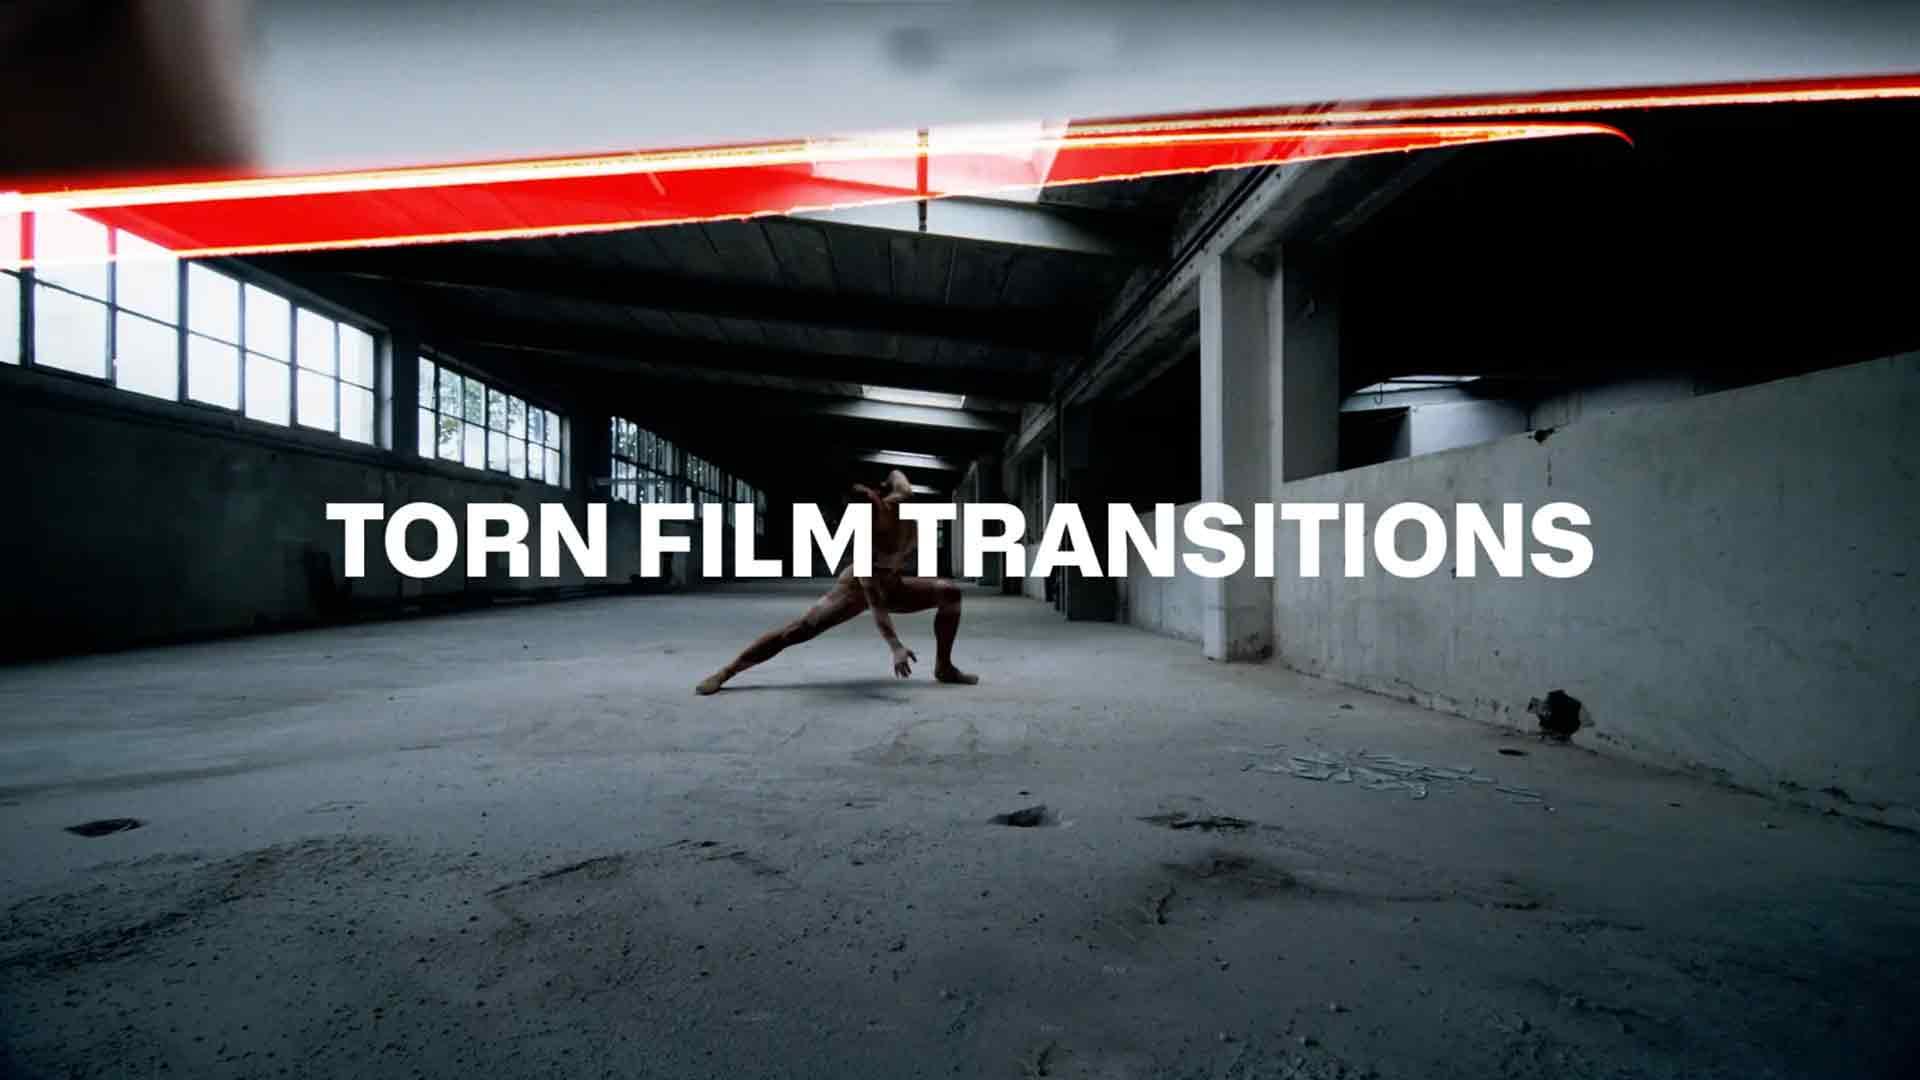 انتقالات الافلام الرهيبة للبريمير AcidBite – Torn Film